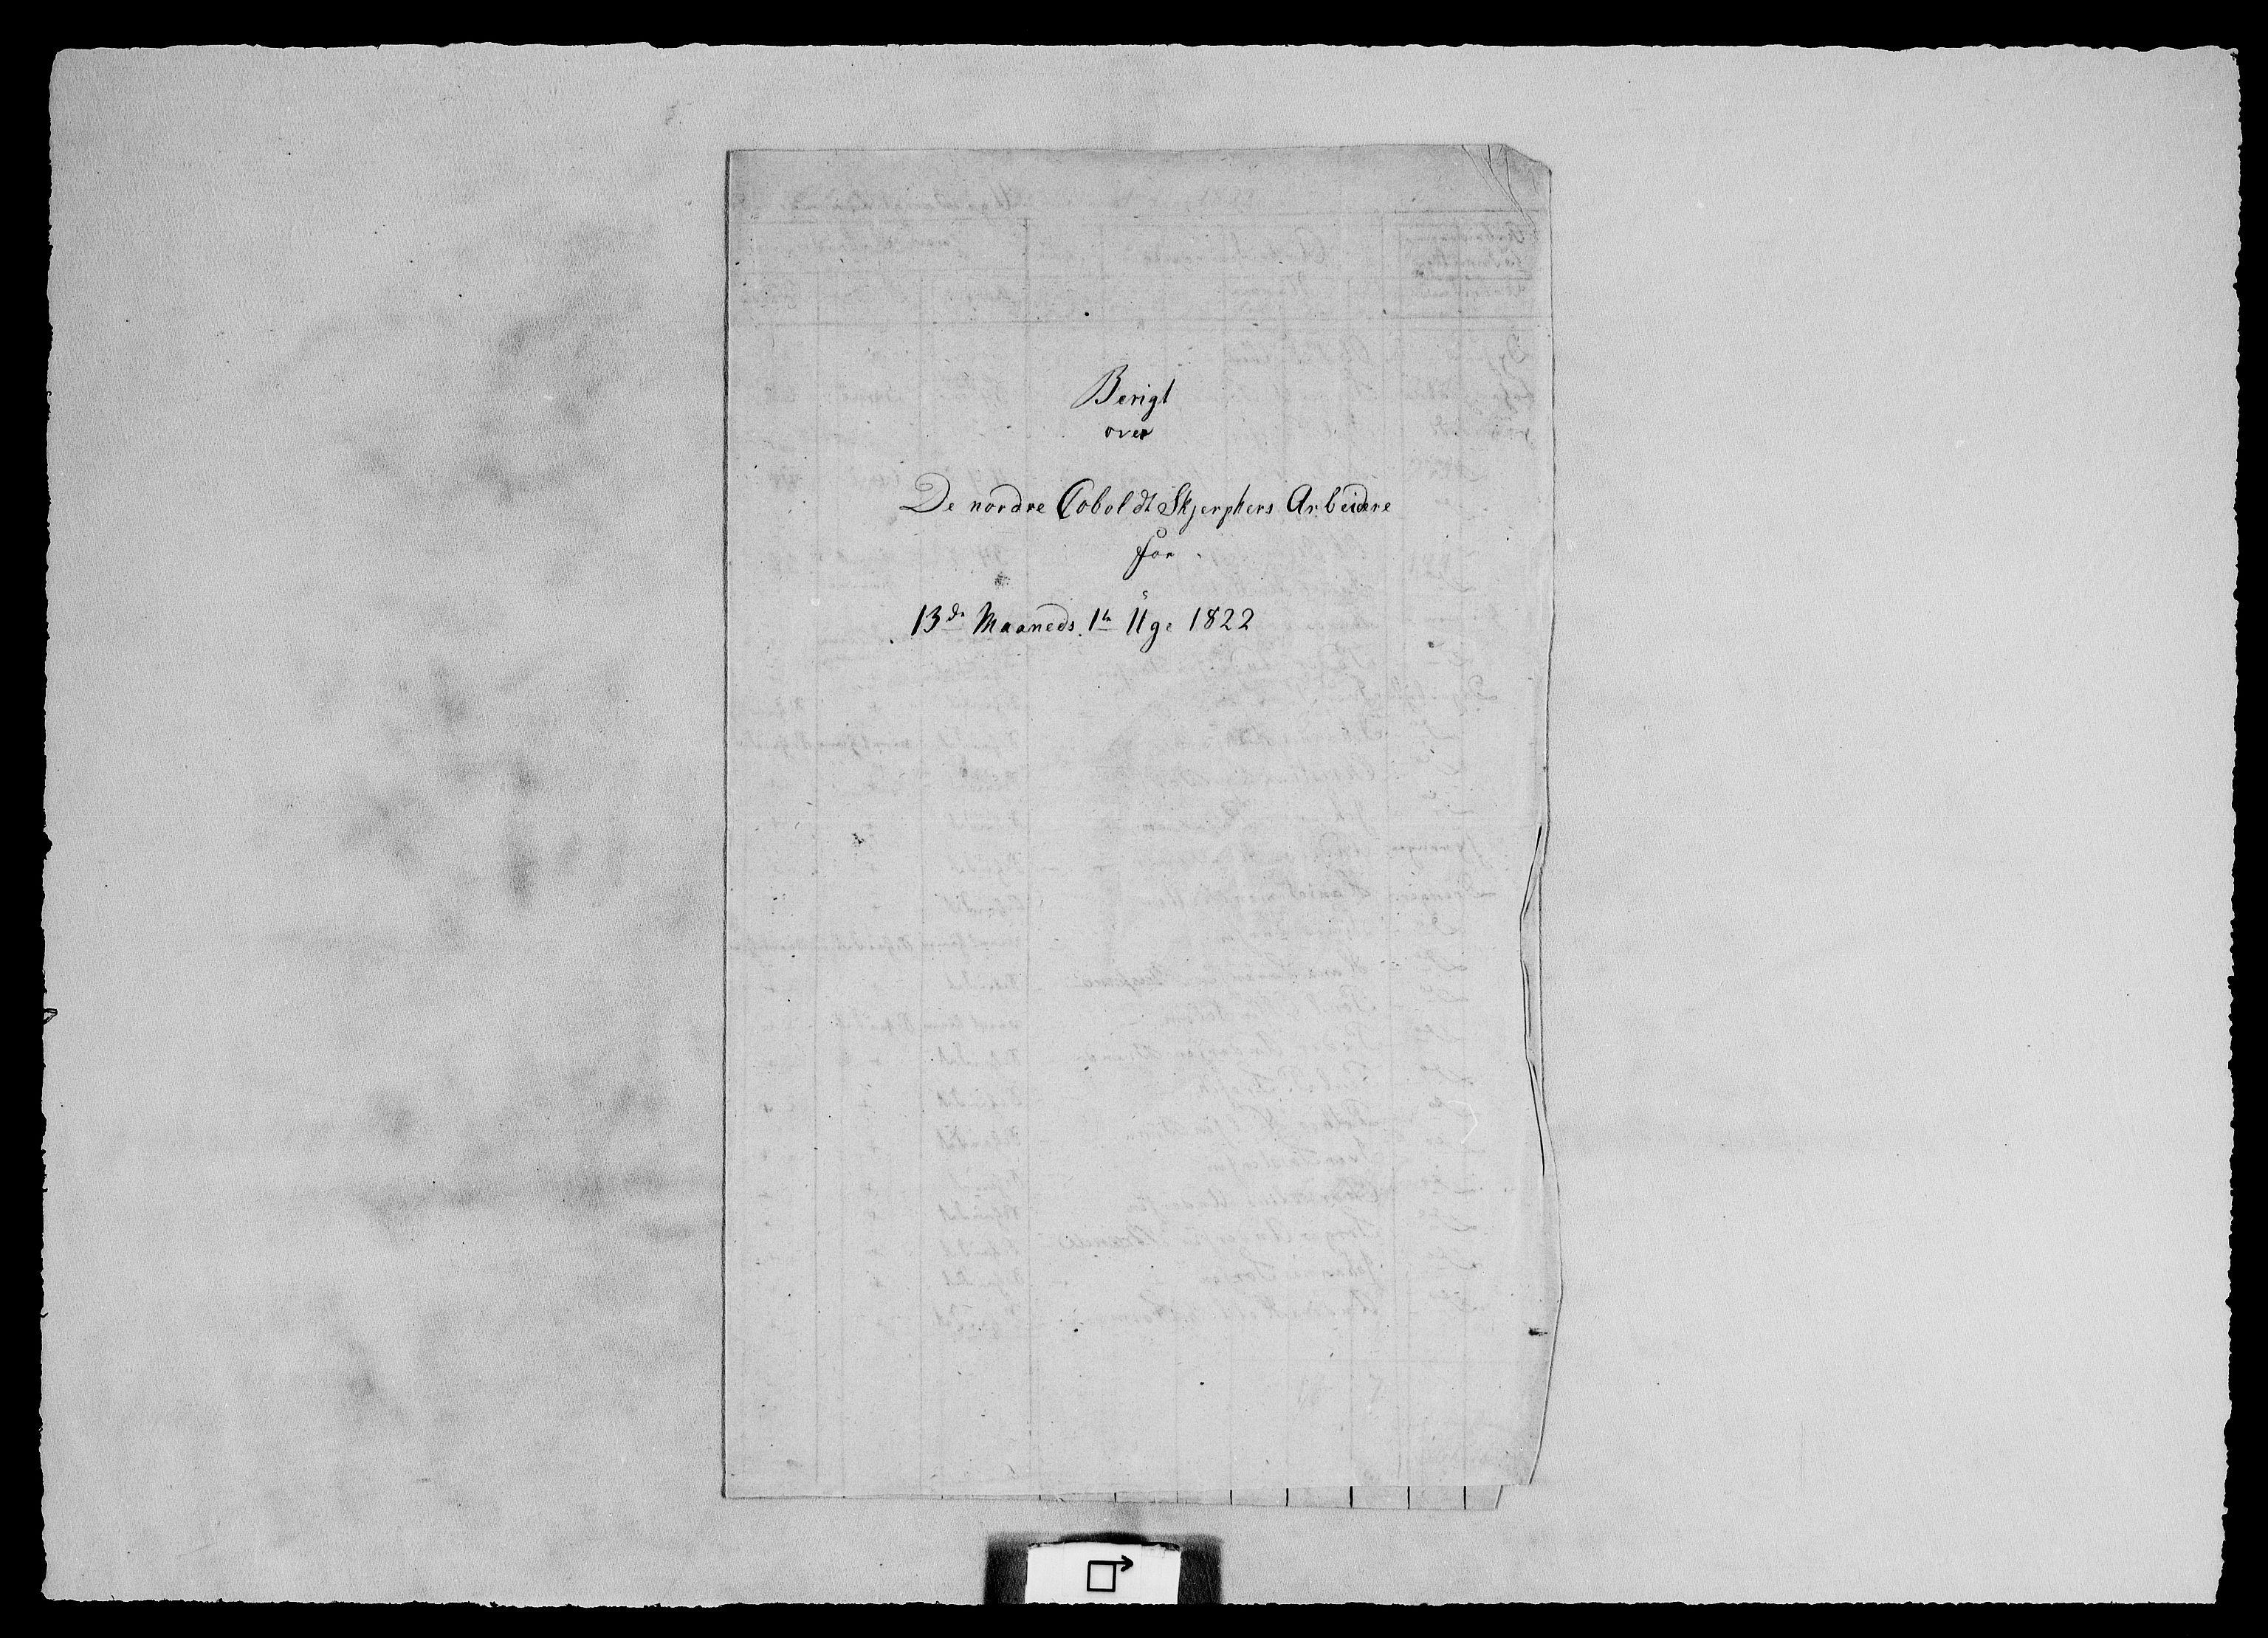 RA, Modums Blaafarveværk, G/Ge/L0327, 1822-1825, s. 2